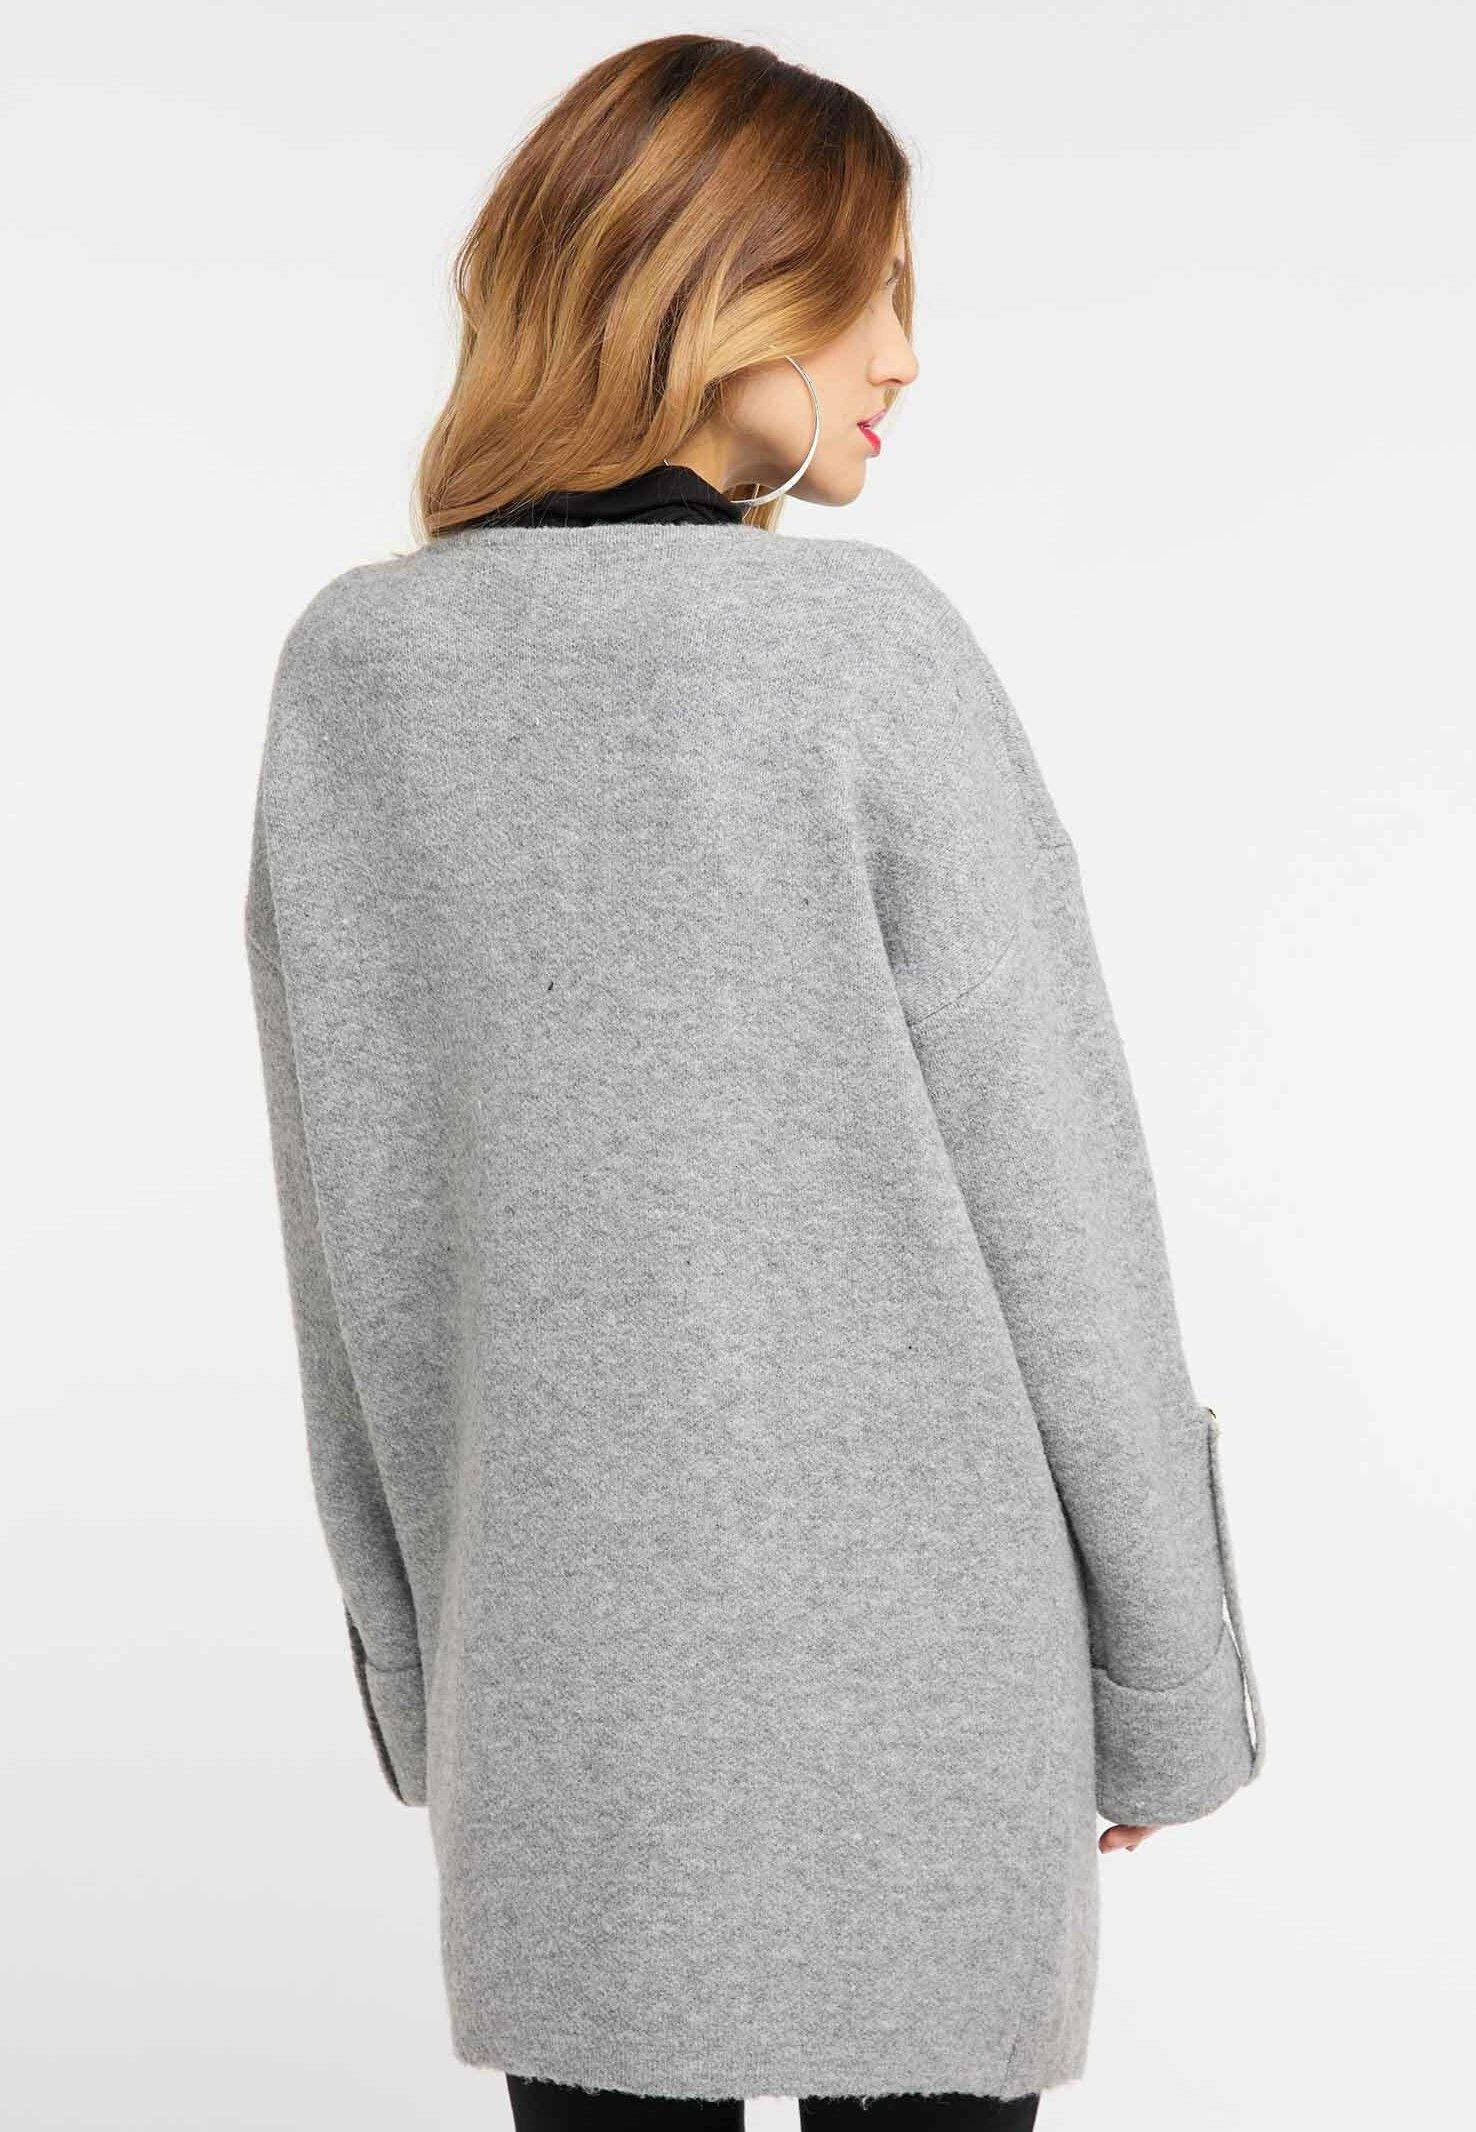 Aaa Quality Cool Women's Clothing faina Cardigan grey oShCVUjdj AToBXrVSU